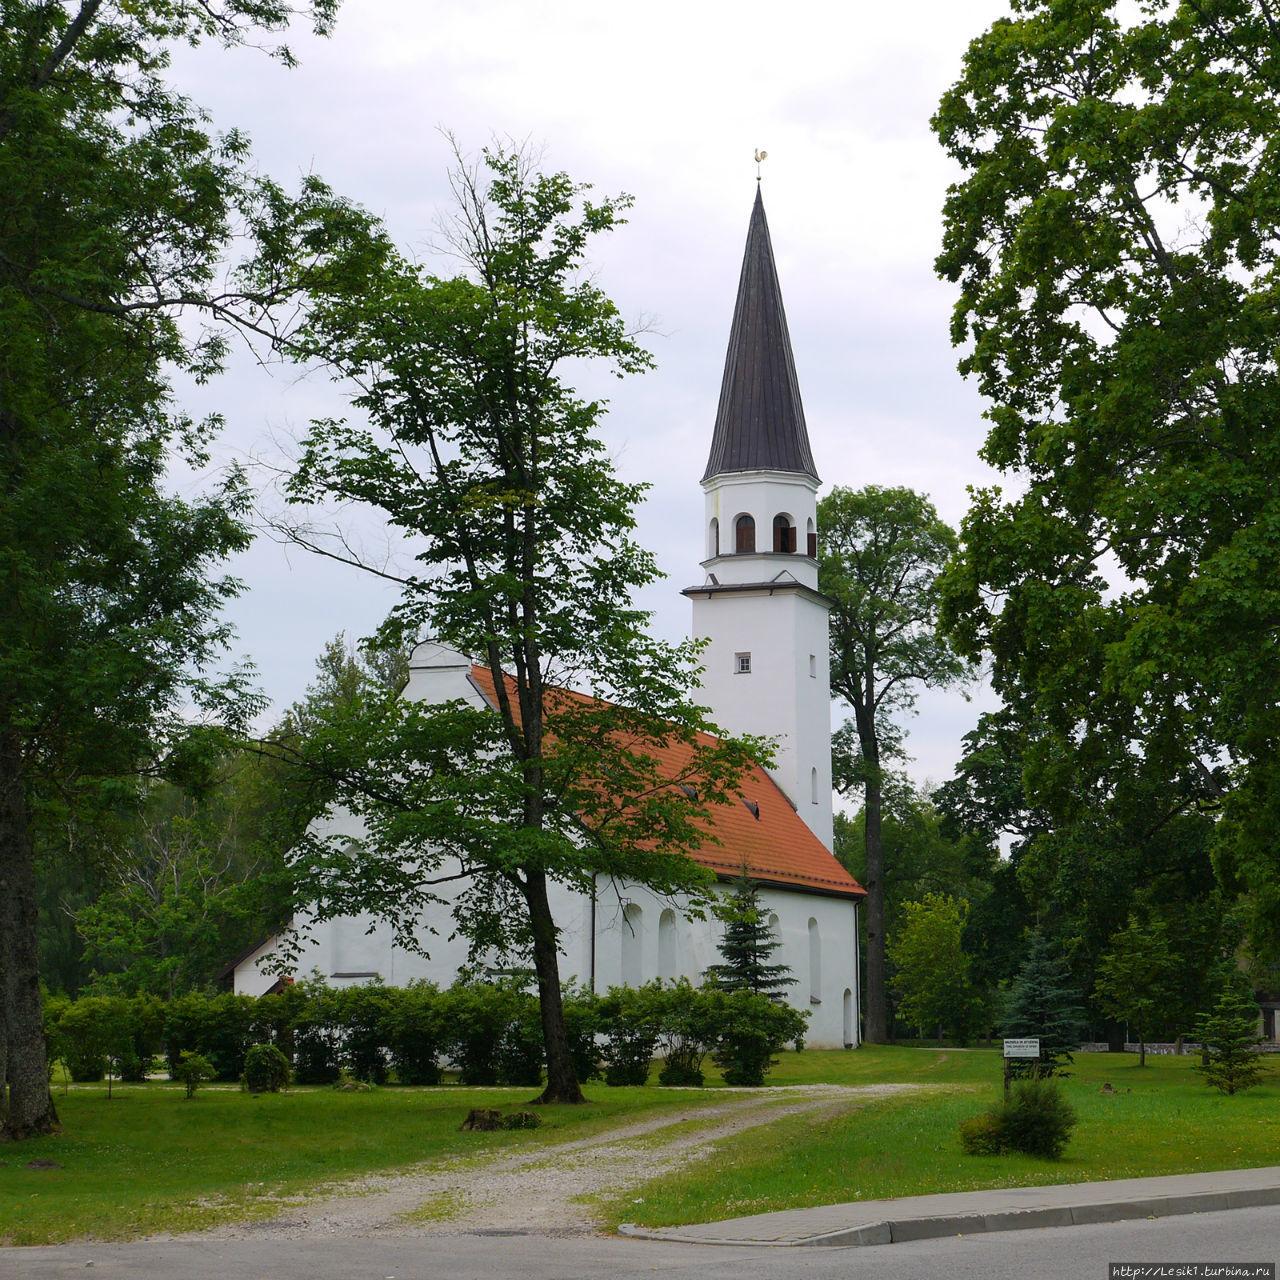 Сигулда. Берег левый... Сигулда, Латвия